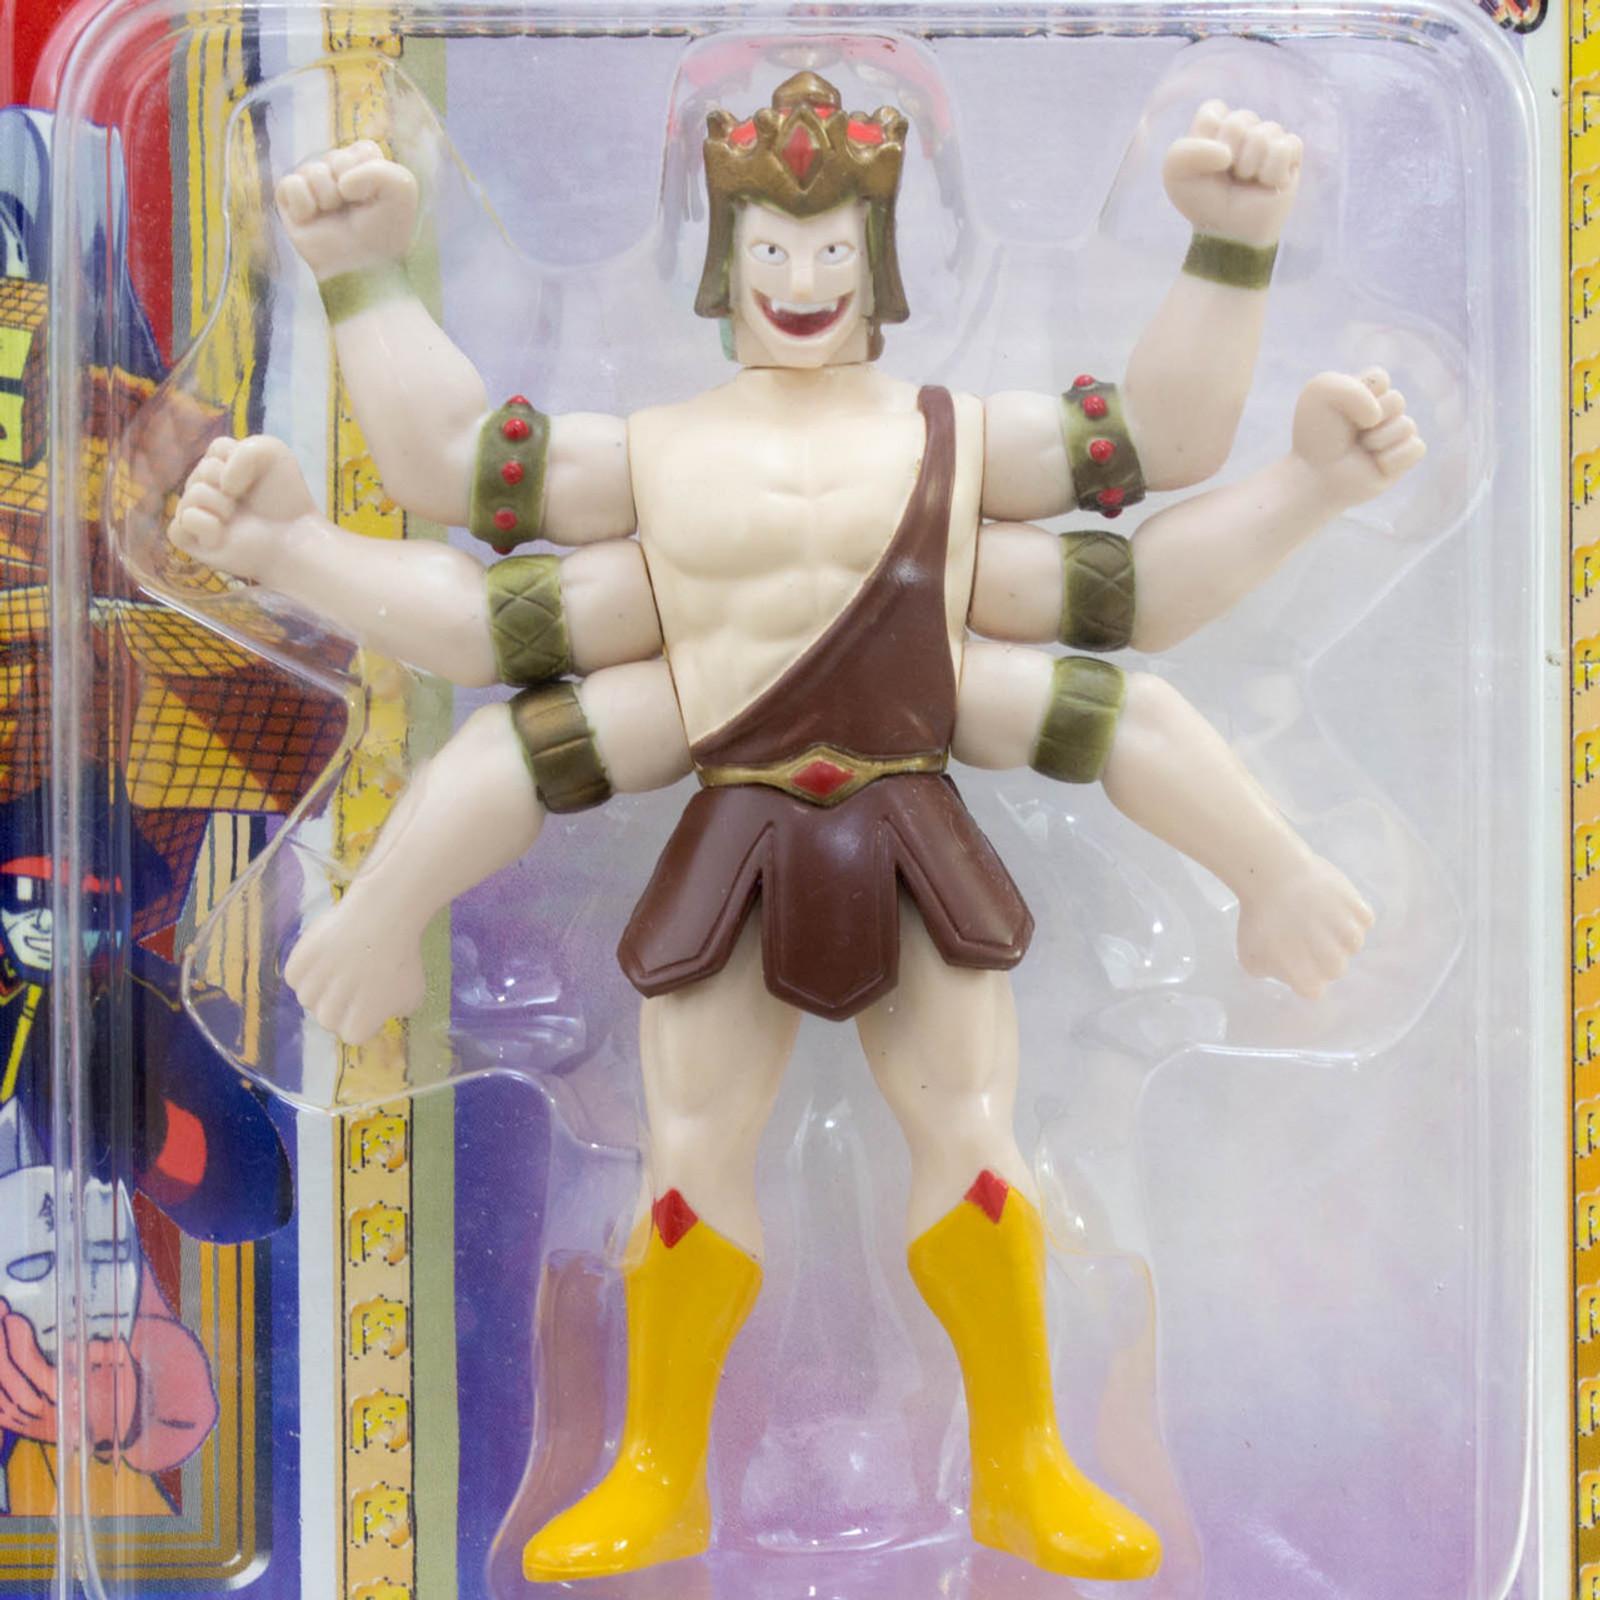 Kinnikuman Ashraman Action Figure Collection Ultimate Muscle JAPAN ANIME